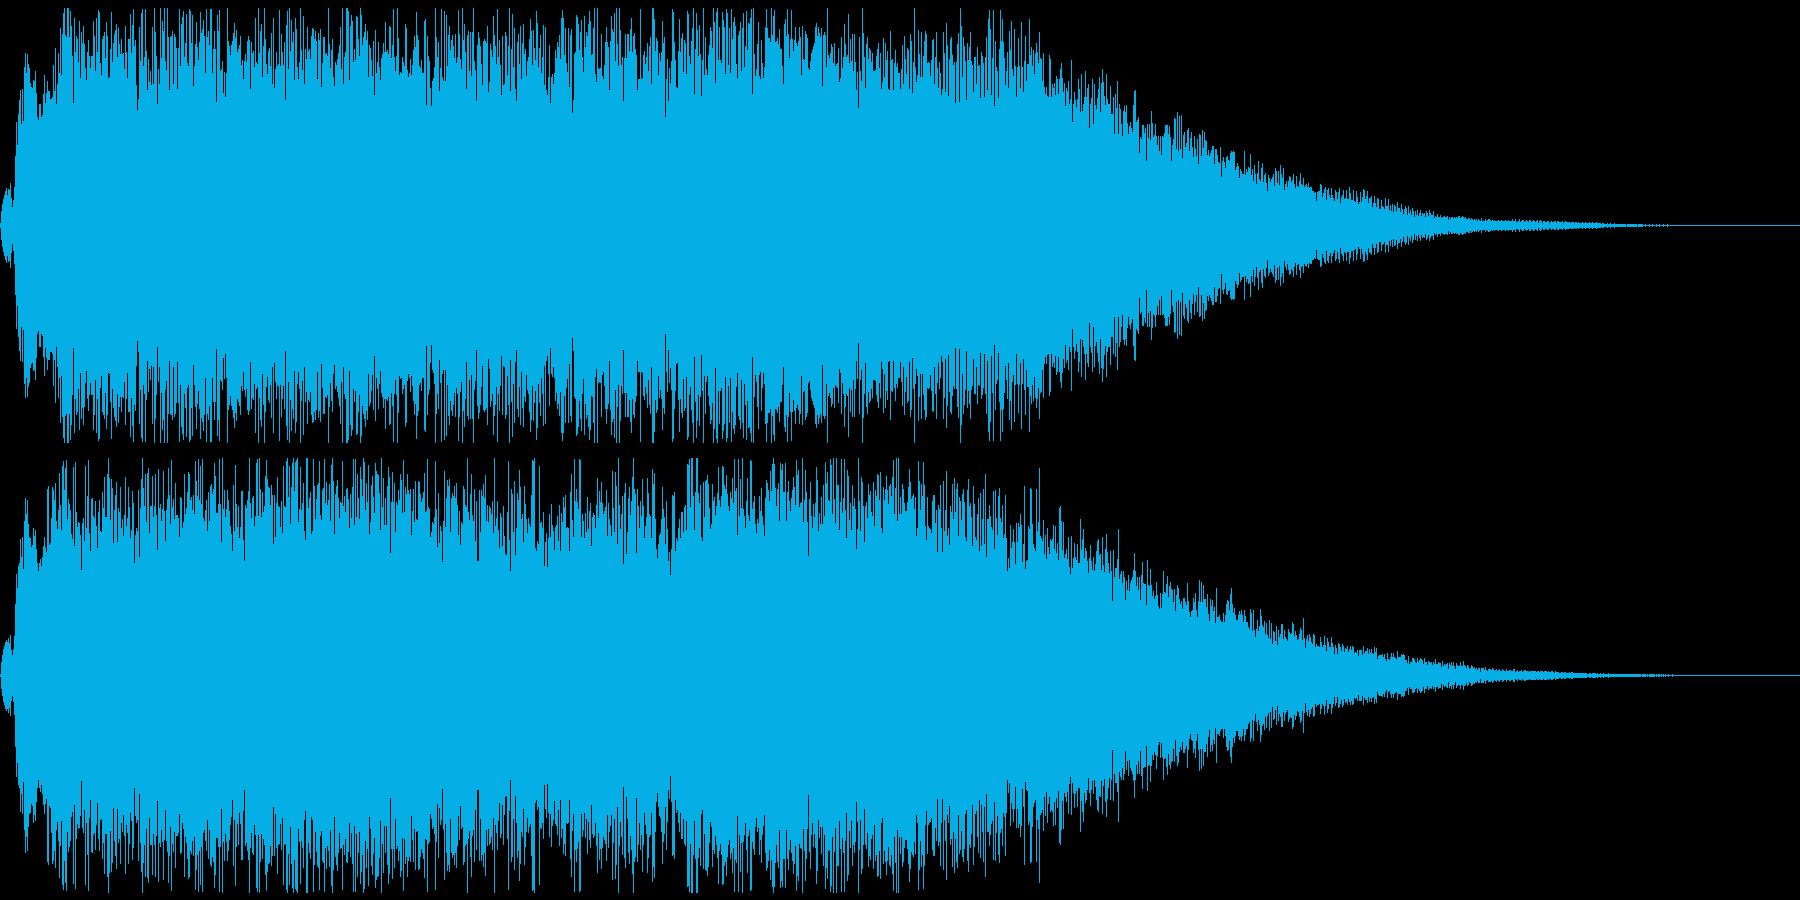 勢いのある和風のロックジングルの再生済みの波形